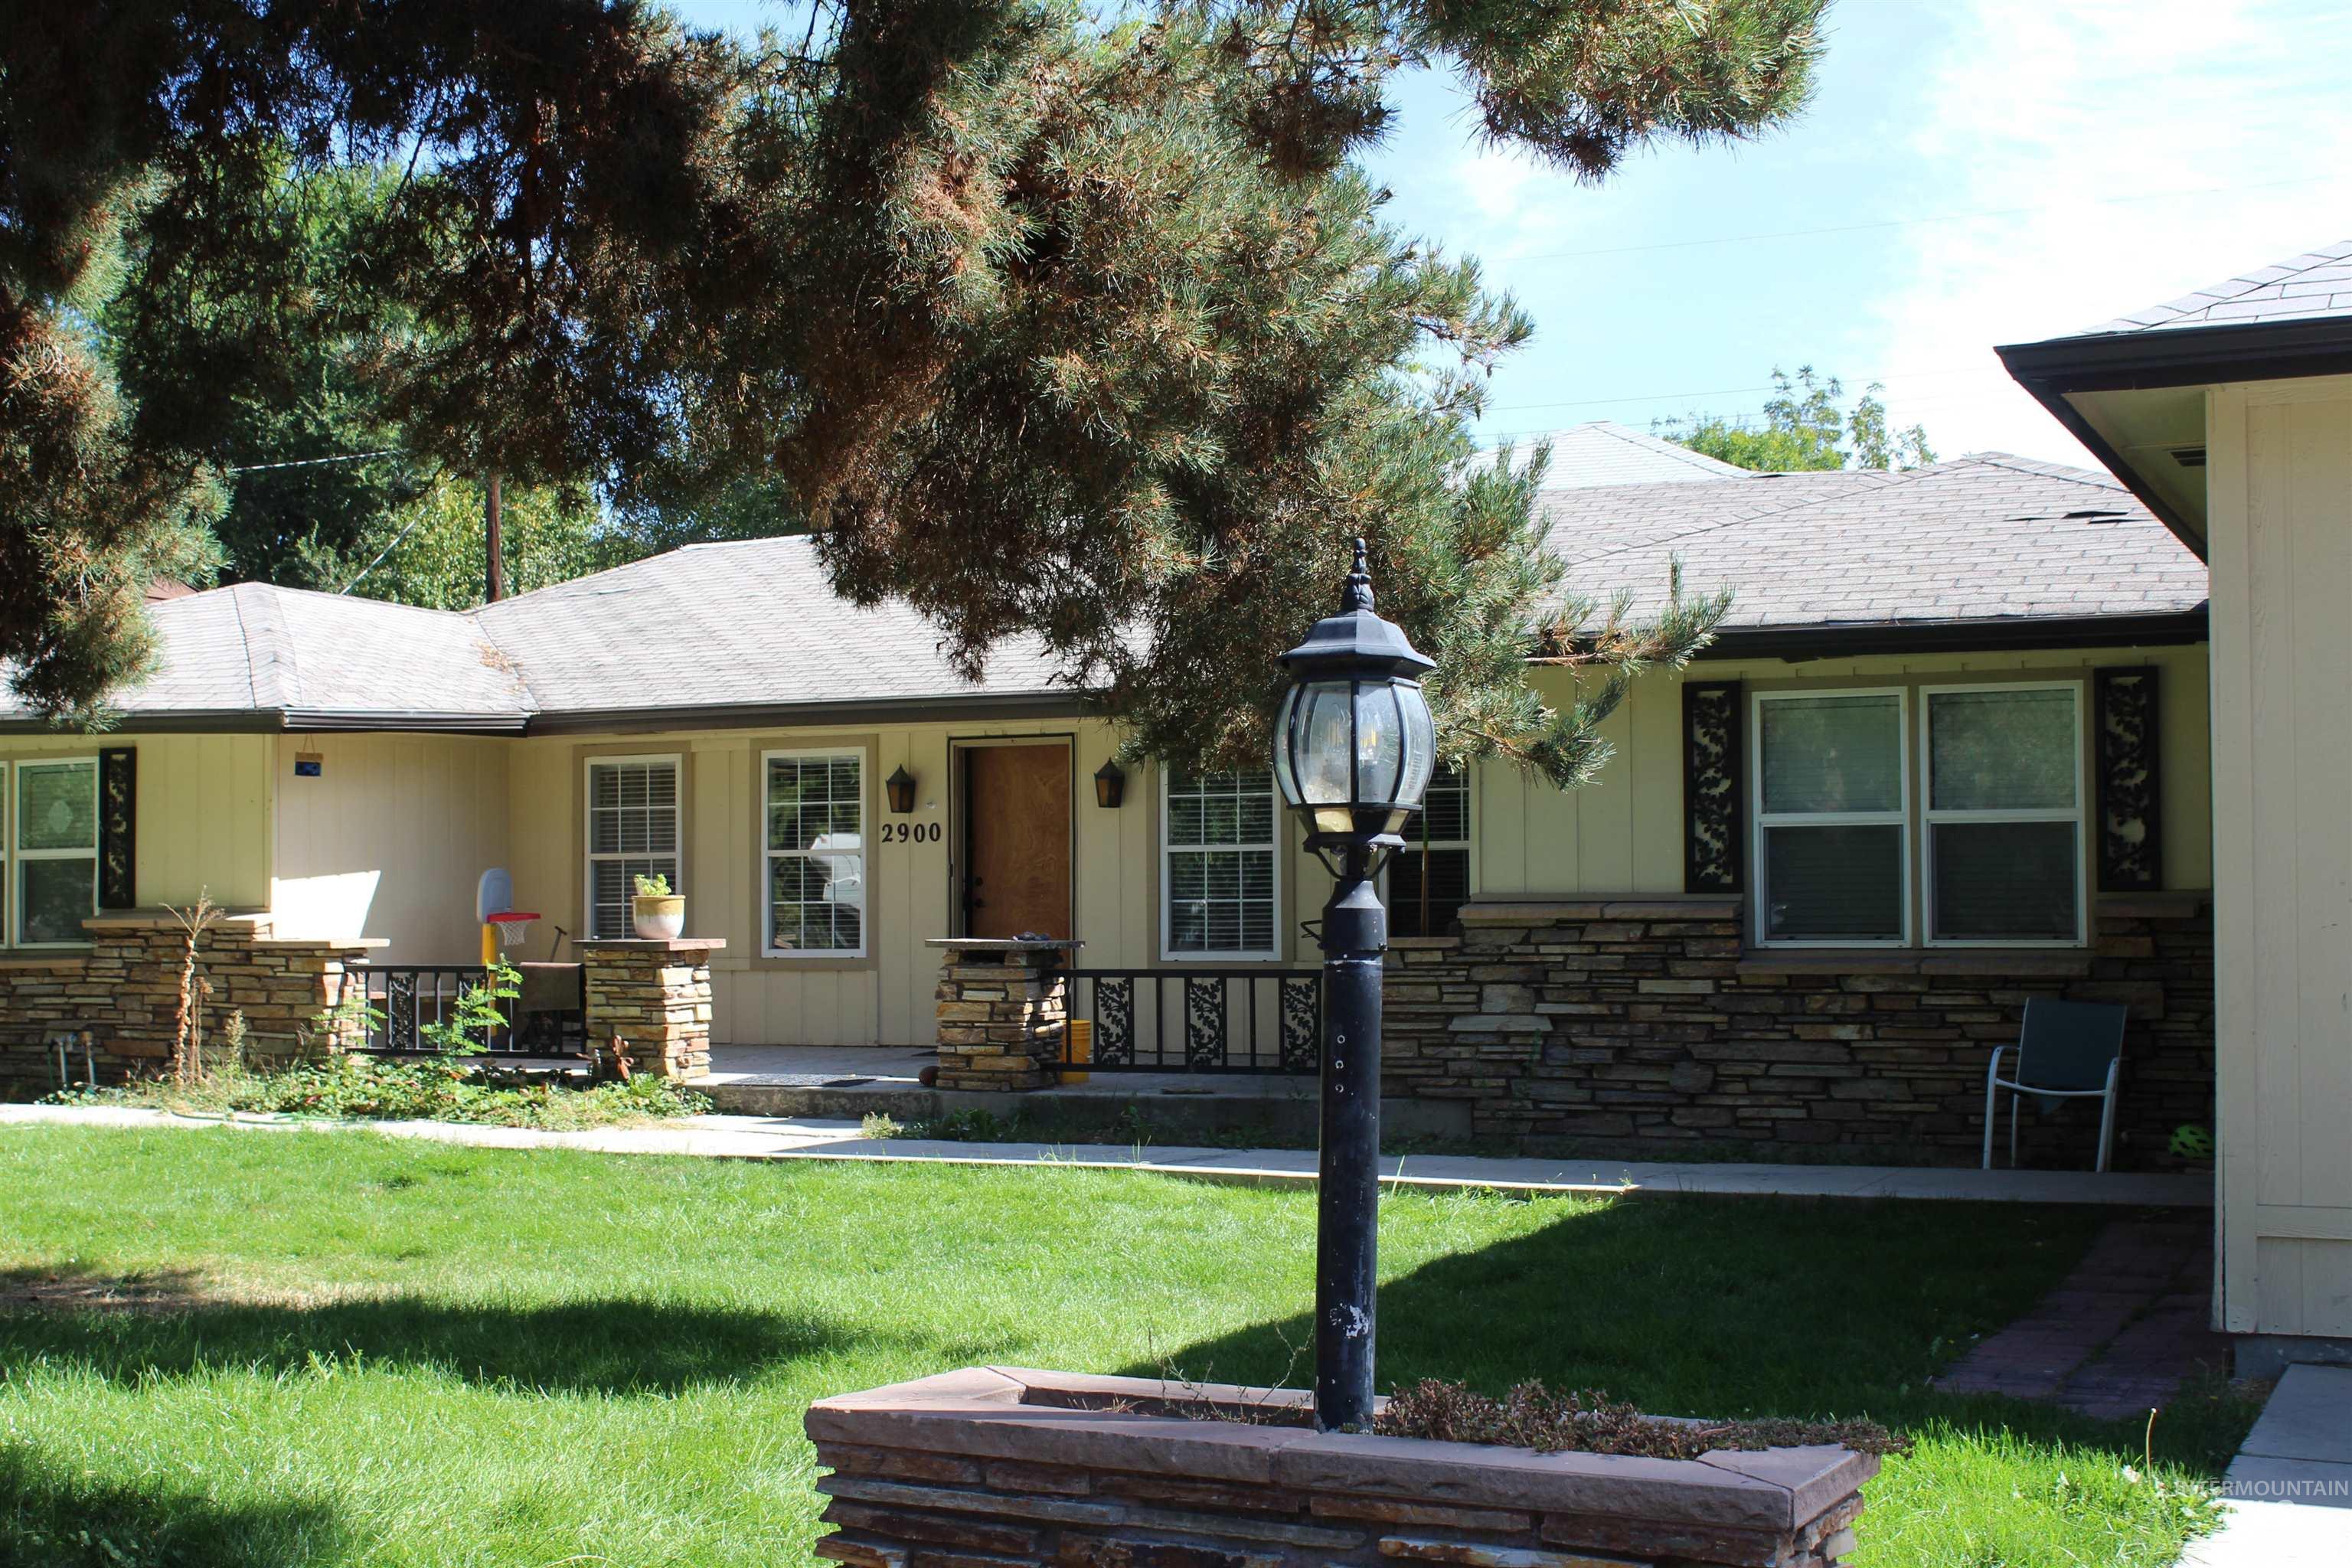 2900 N Tamarack Property Photo 1